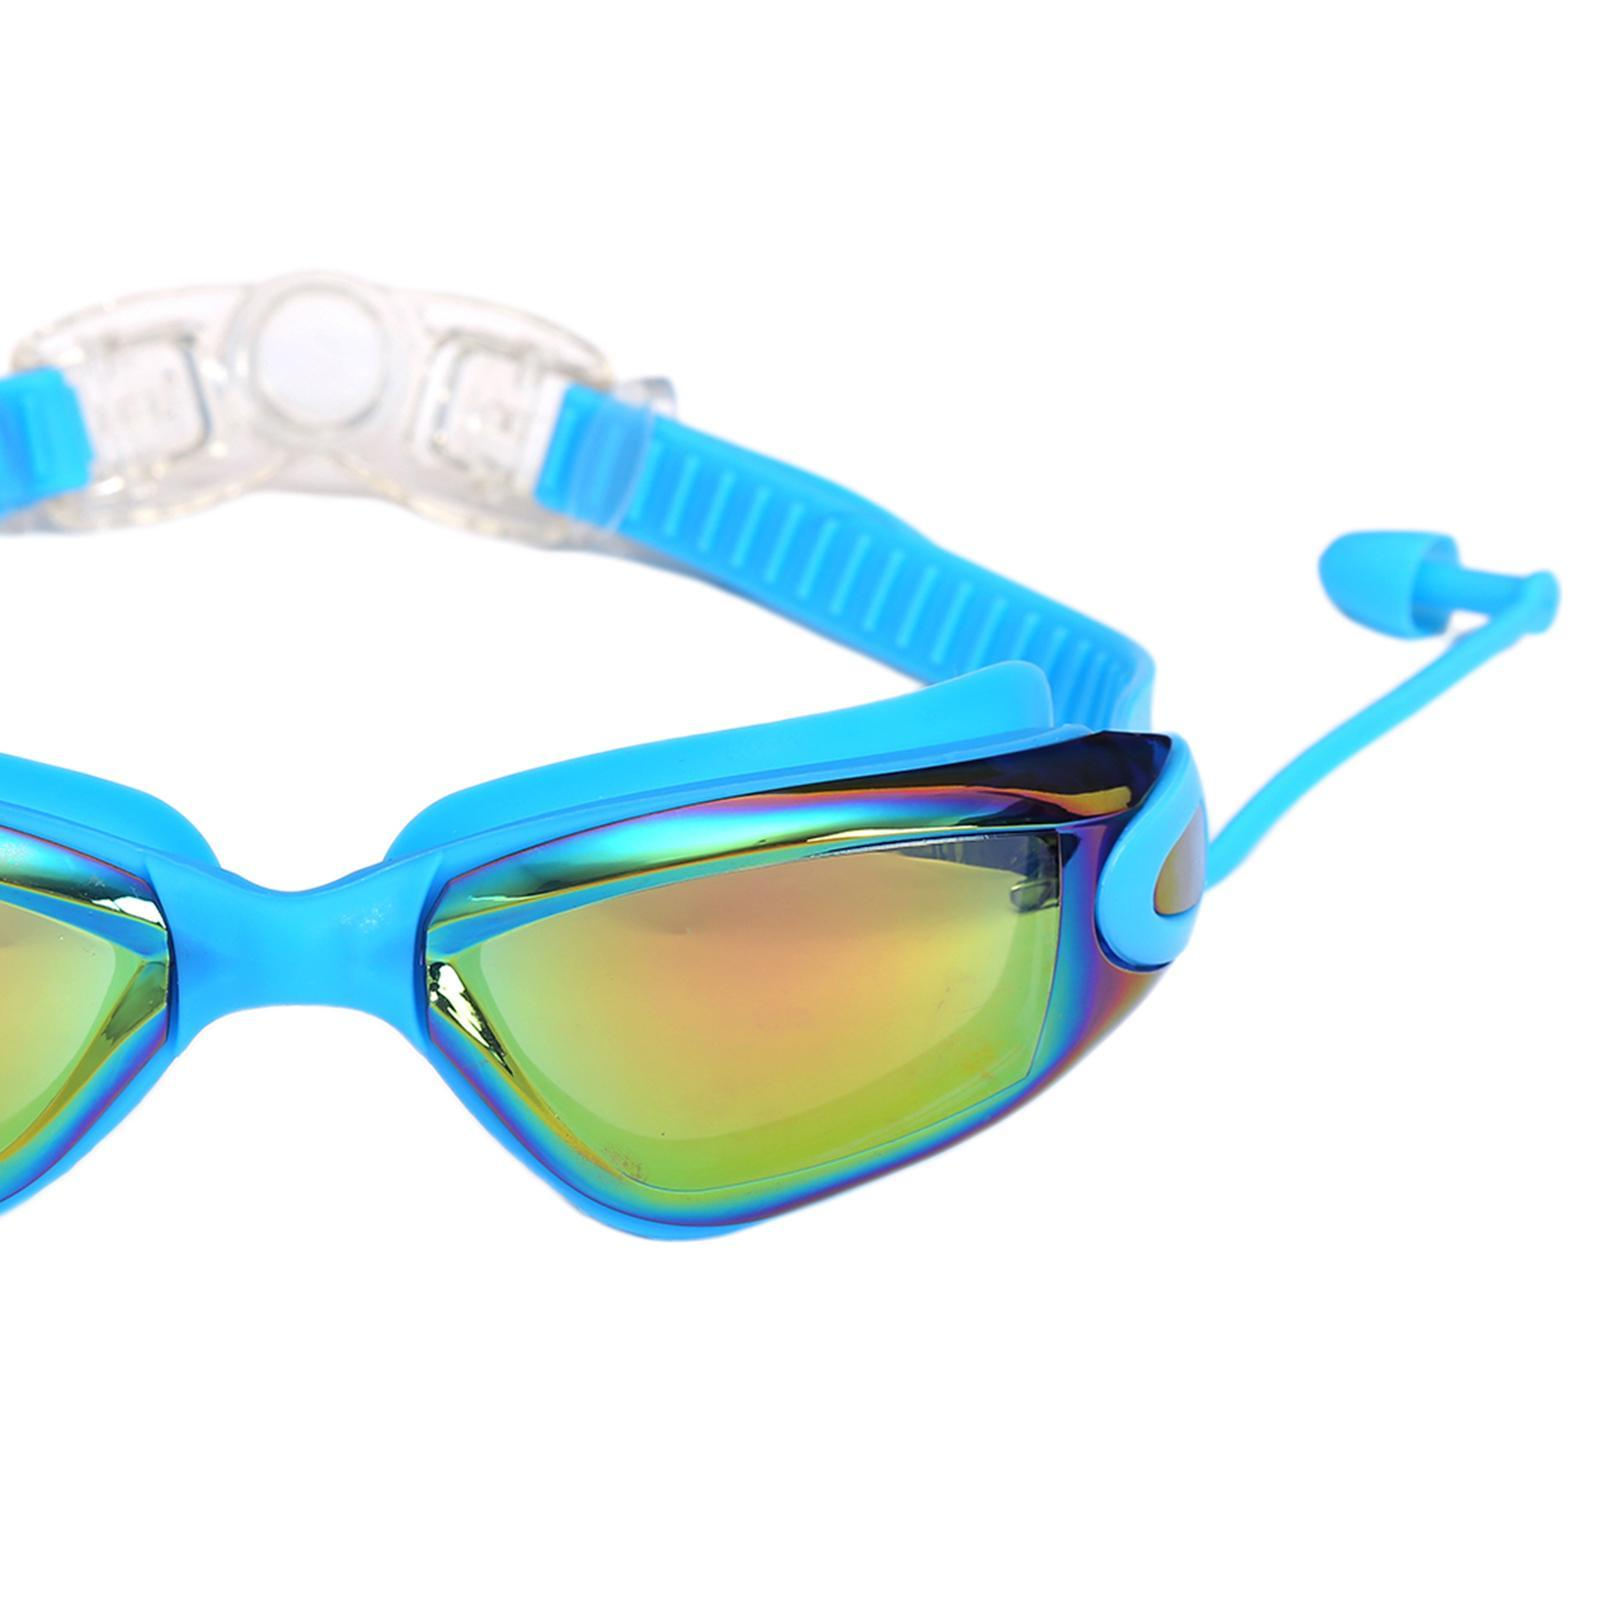 miniatura 10 - Occhialini da nuoto, protezione UV Occhialini da nuoto anti-appannamento Unisex